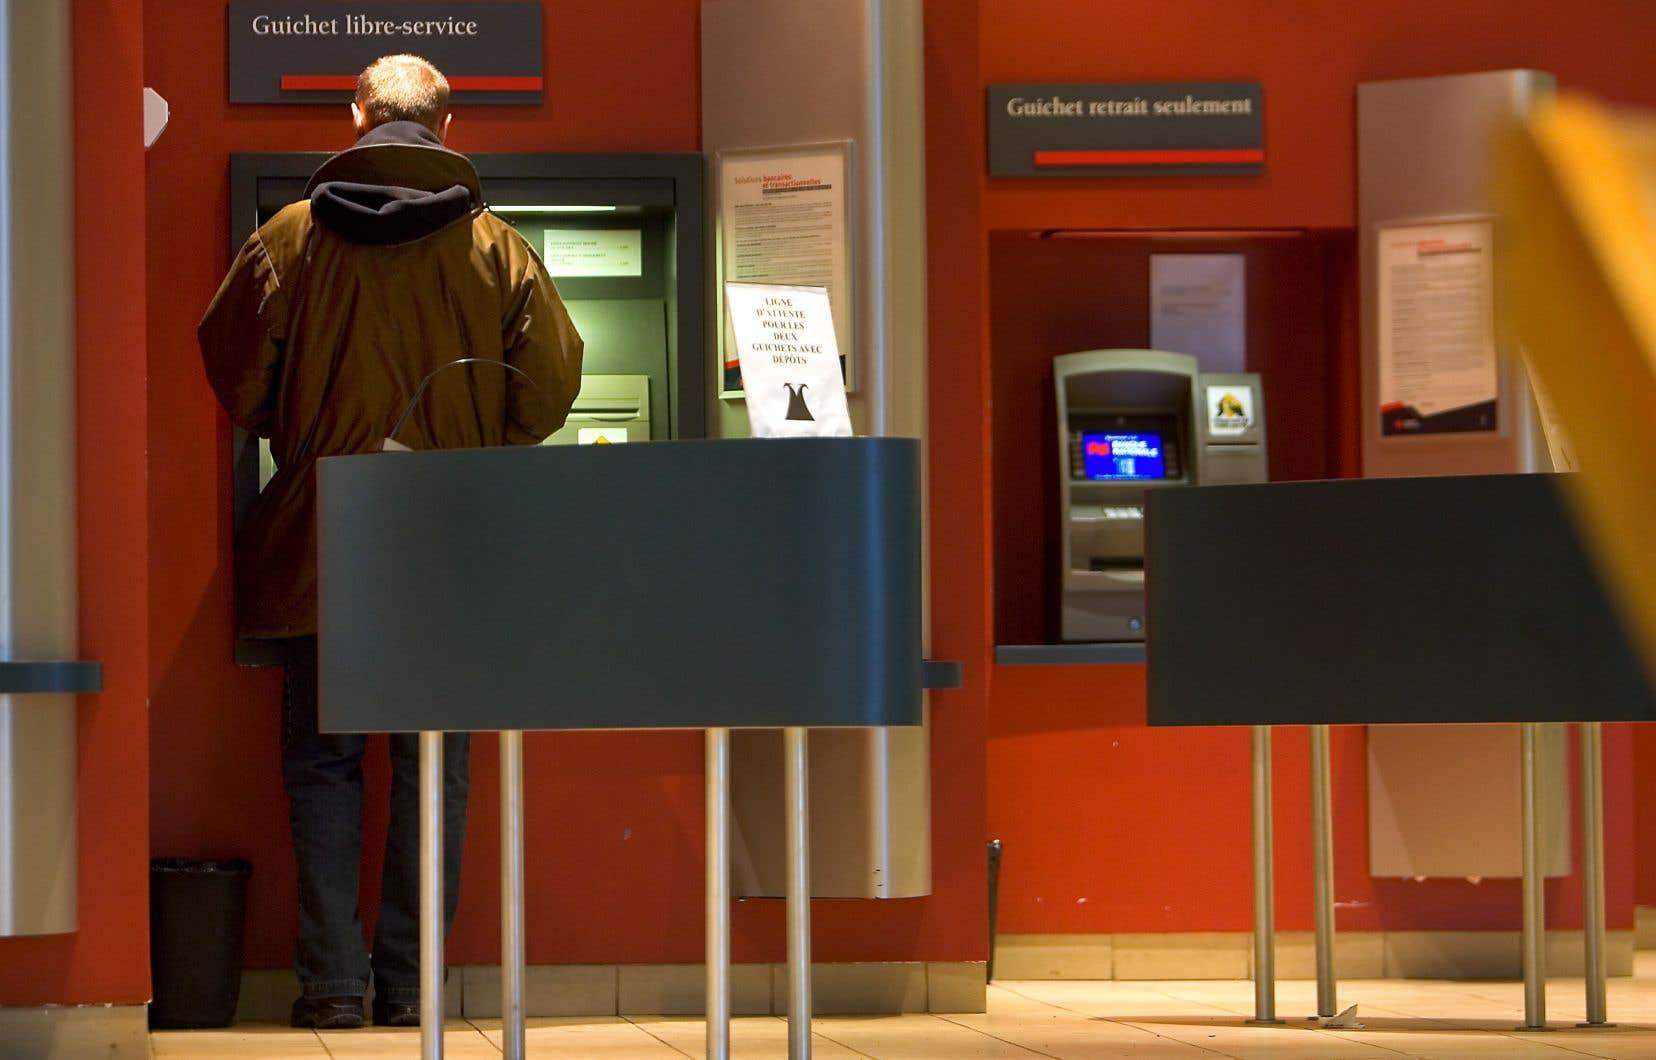 Environ 70% des personnes interviewées se sont dites peu ou très peu informées à propos des forfaits bancaires.